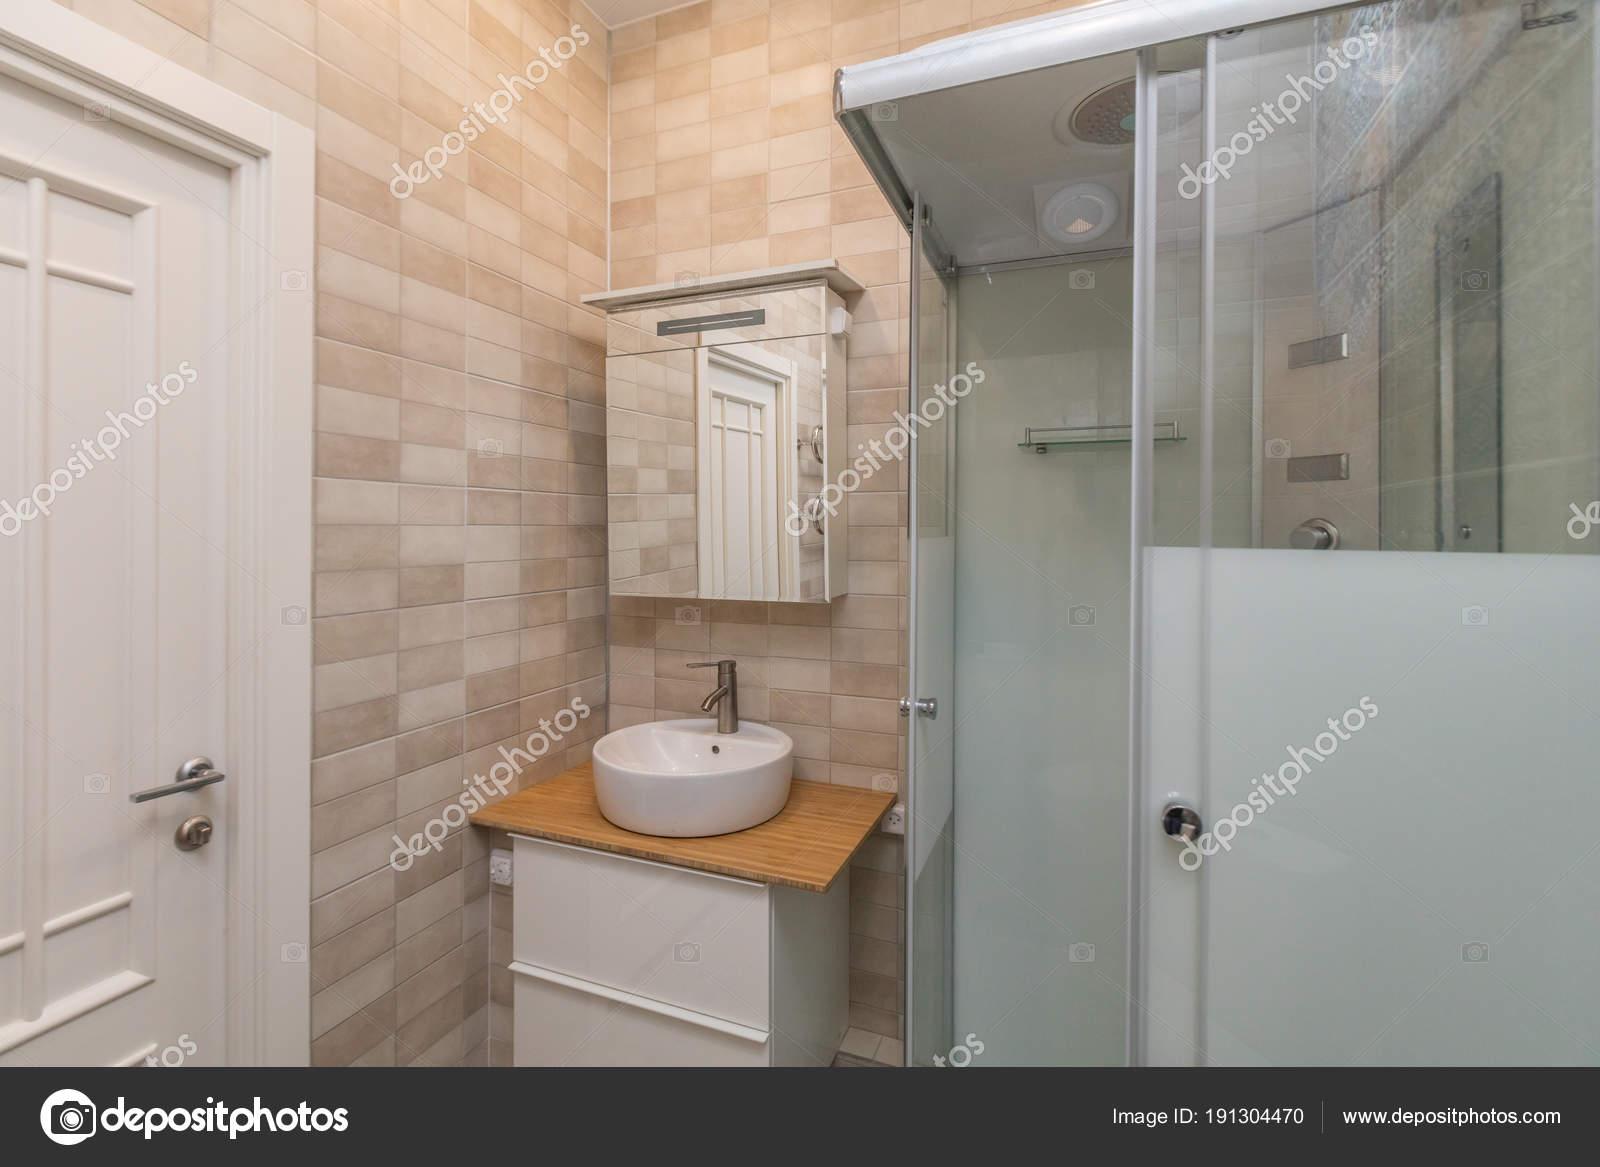 Wandtegels Badkamer Beige : Kleine beige tegels badkamer met douchecabine wastafel u stockfoto